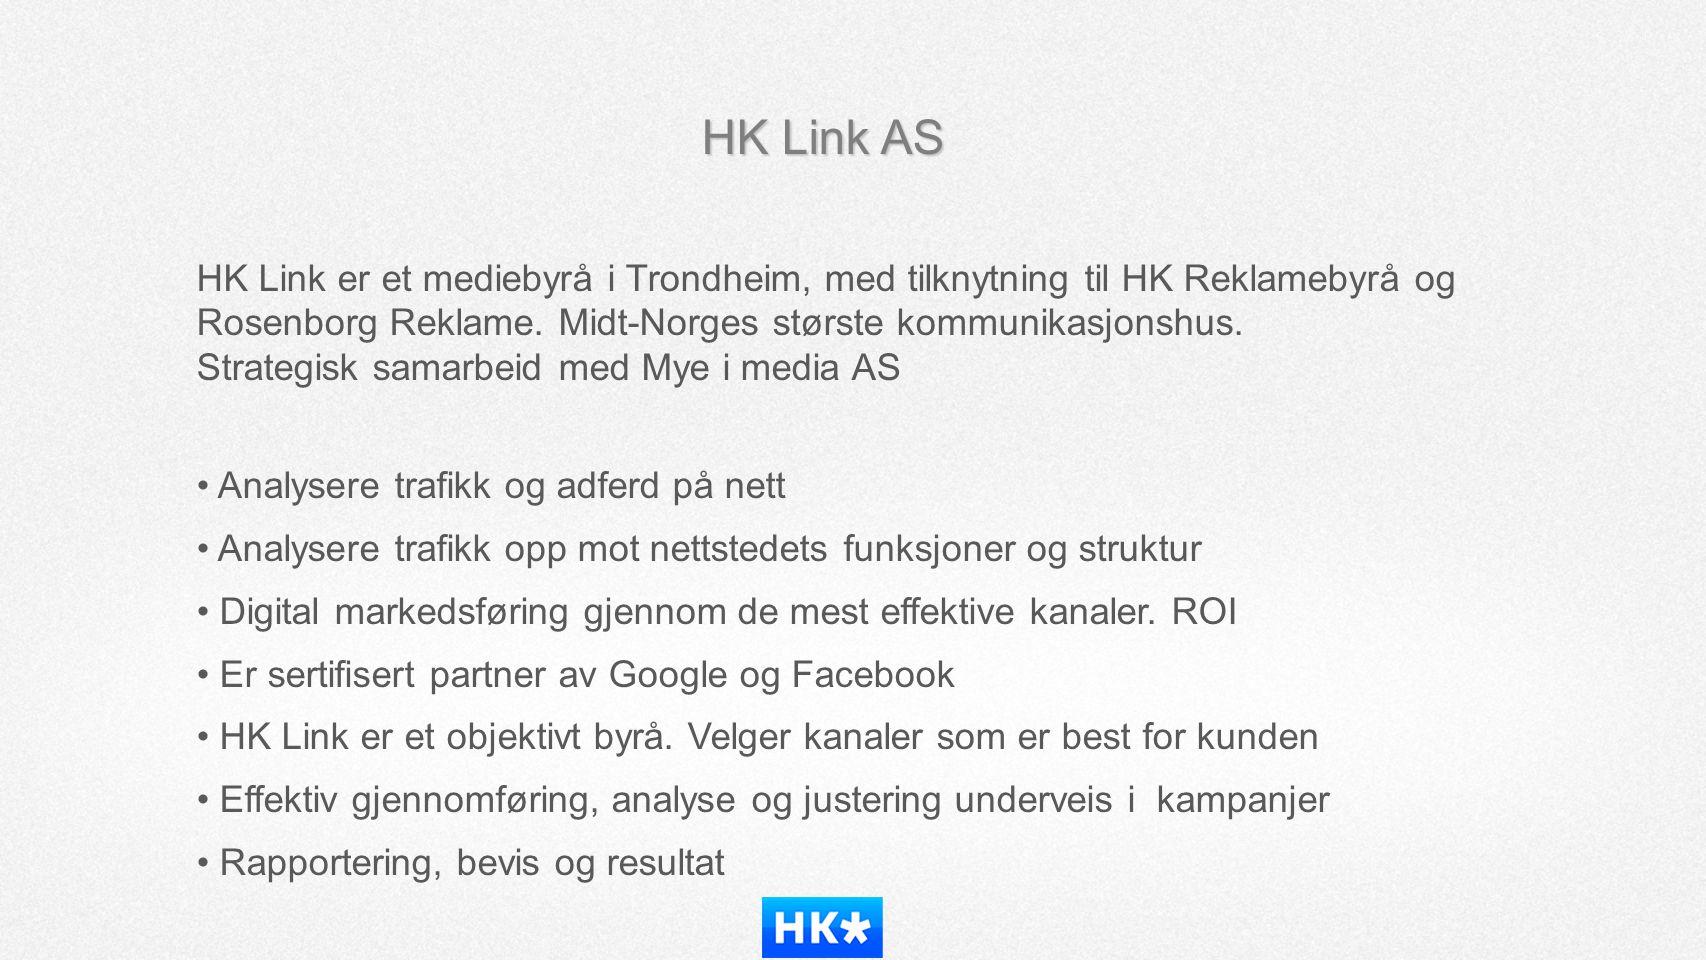 HK Link AS HK Link er et mediebyrå i Trondheim, med tilknytning til HK Reklamebyrå og Rosenborg Reklame. Midt-Norges største kommunikasjonshus.